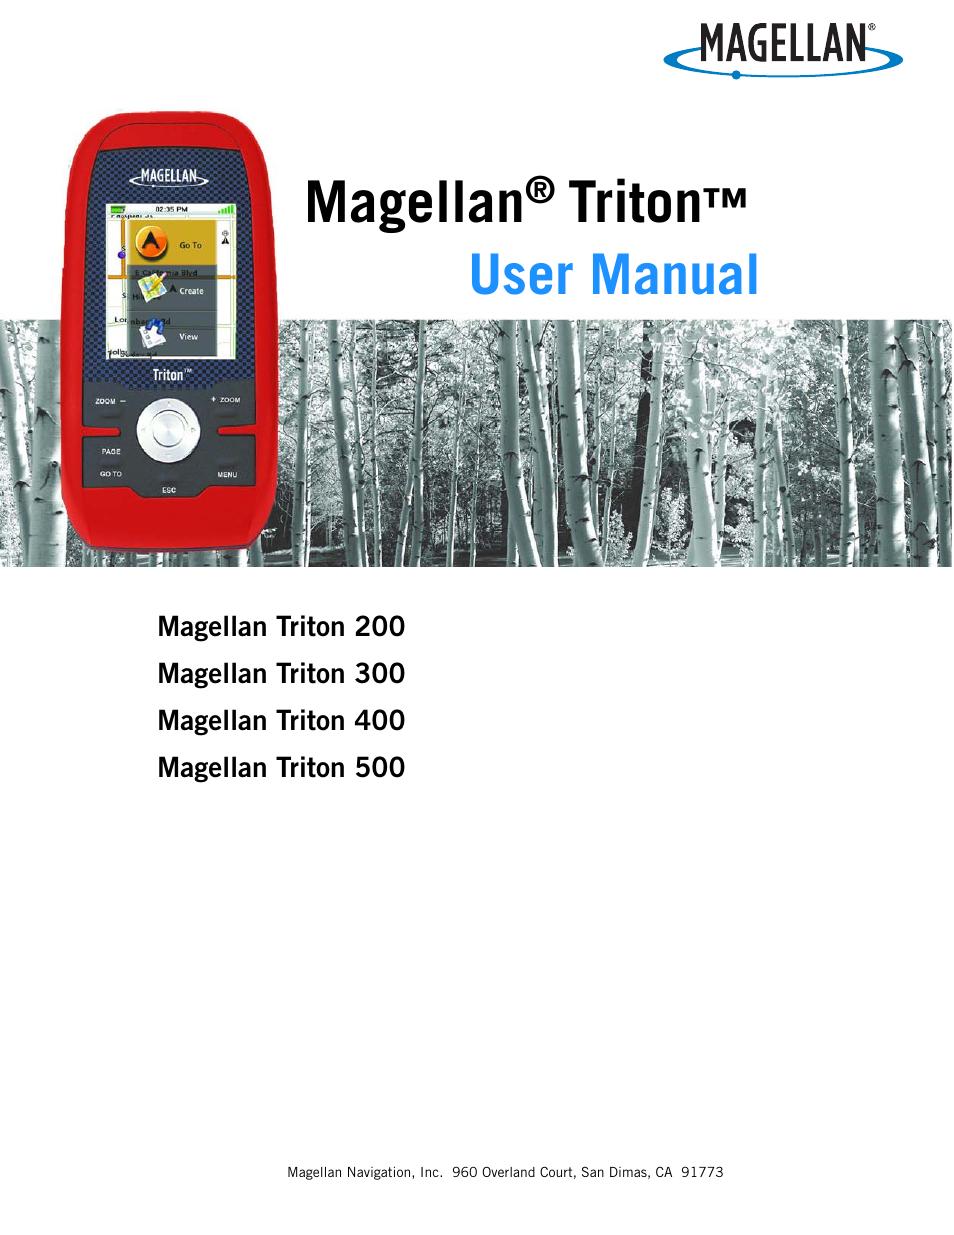 magellan triton 300 user manual 30 pages rh manualsdir com Magellan Triton 2000 Magellan GPS Tracker Manual